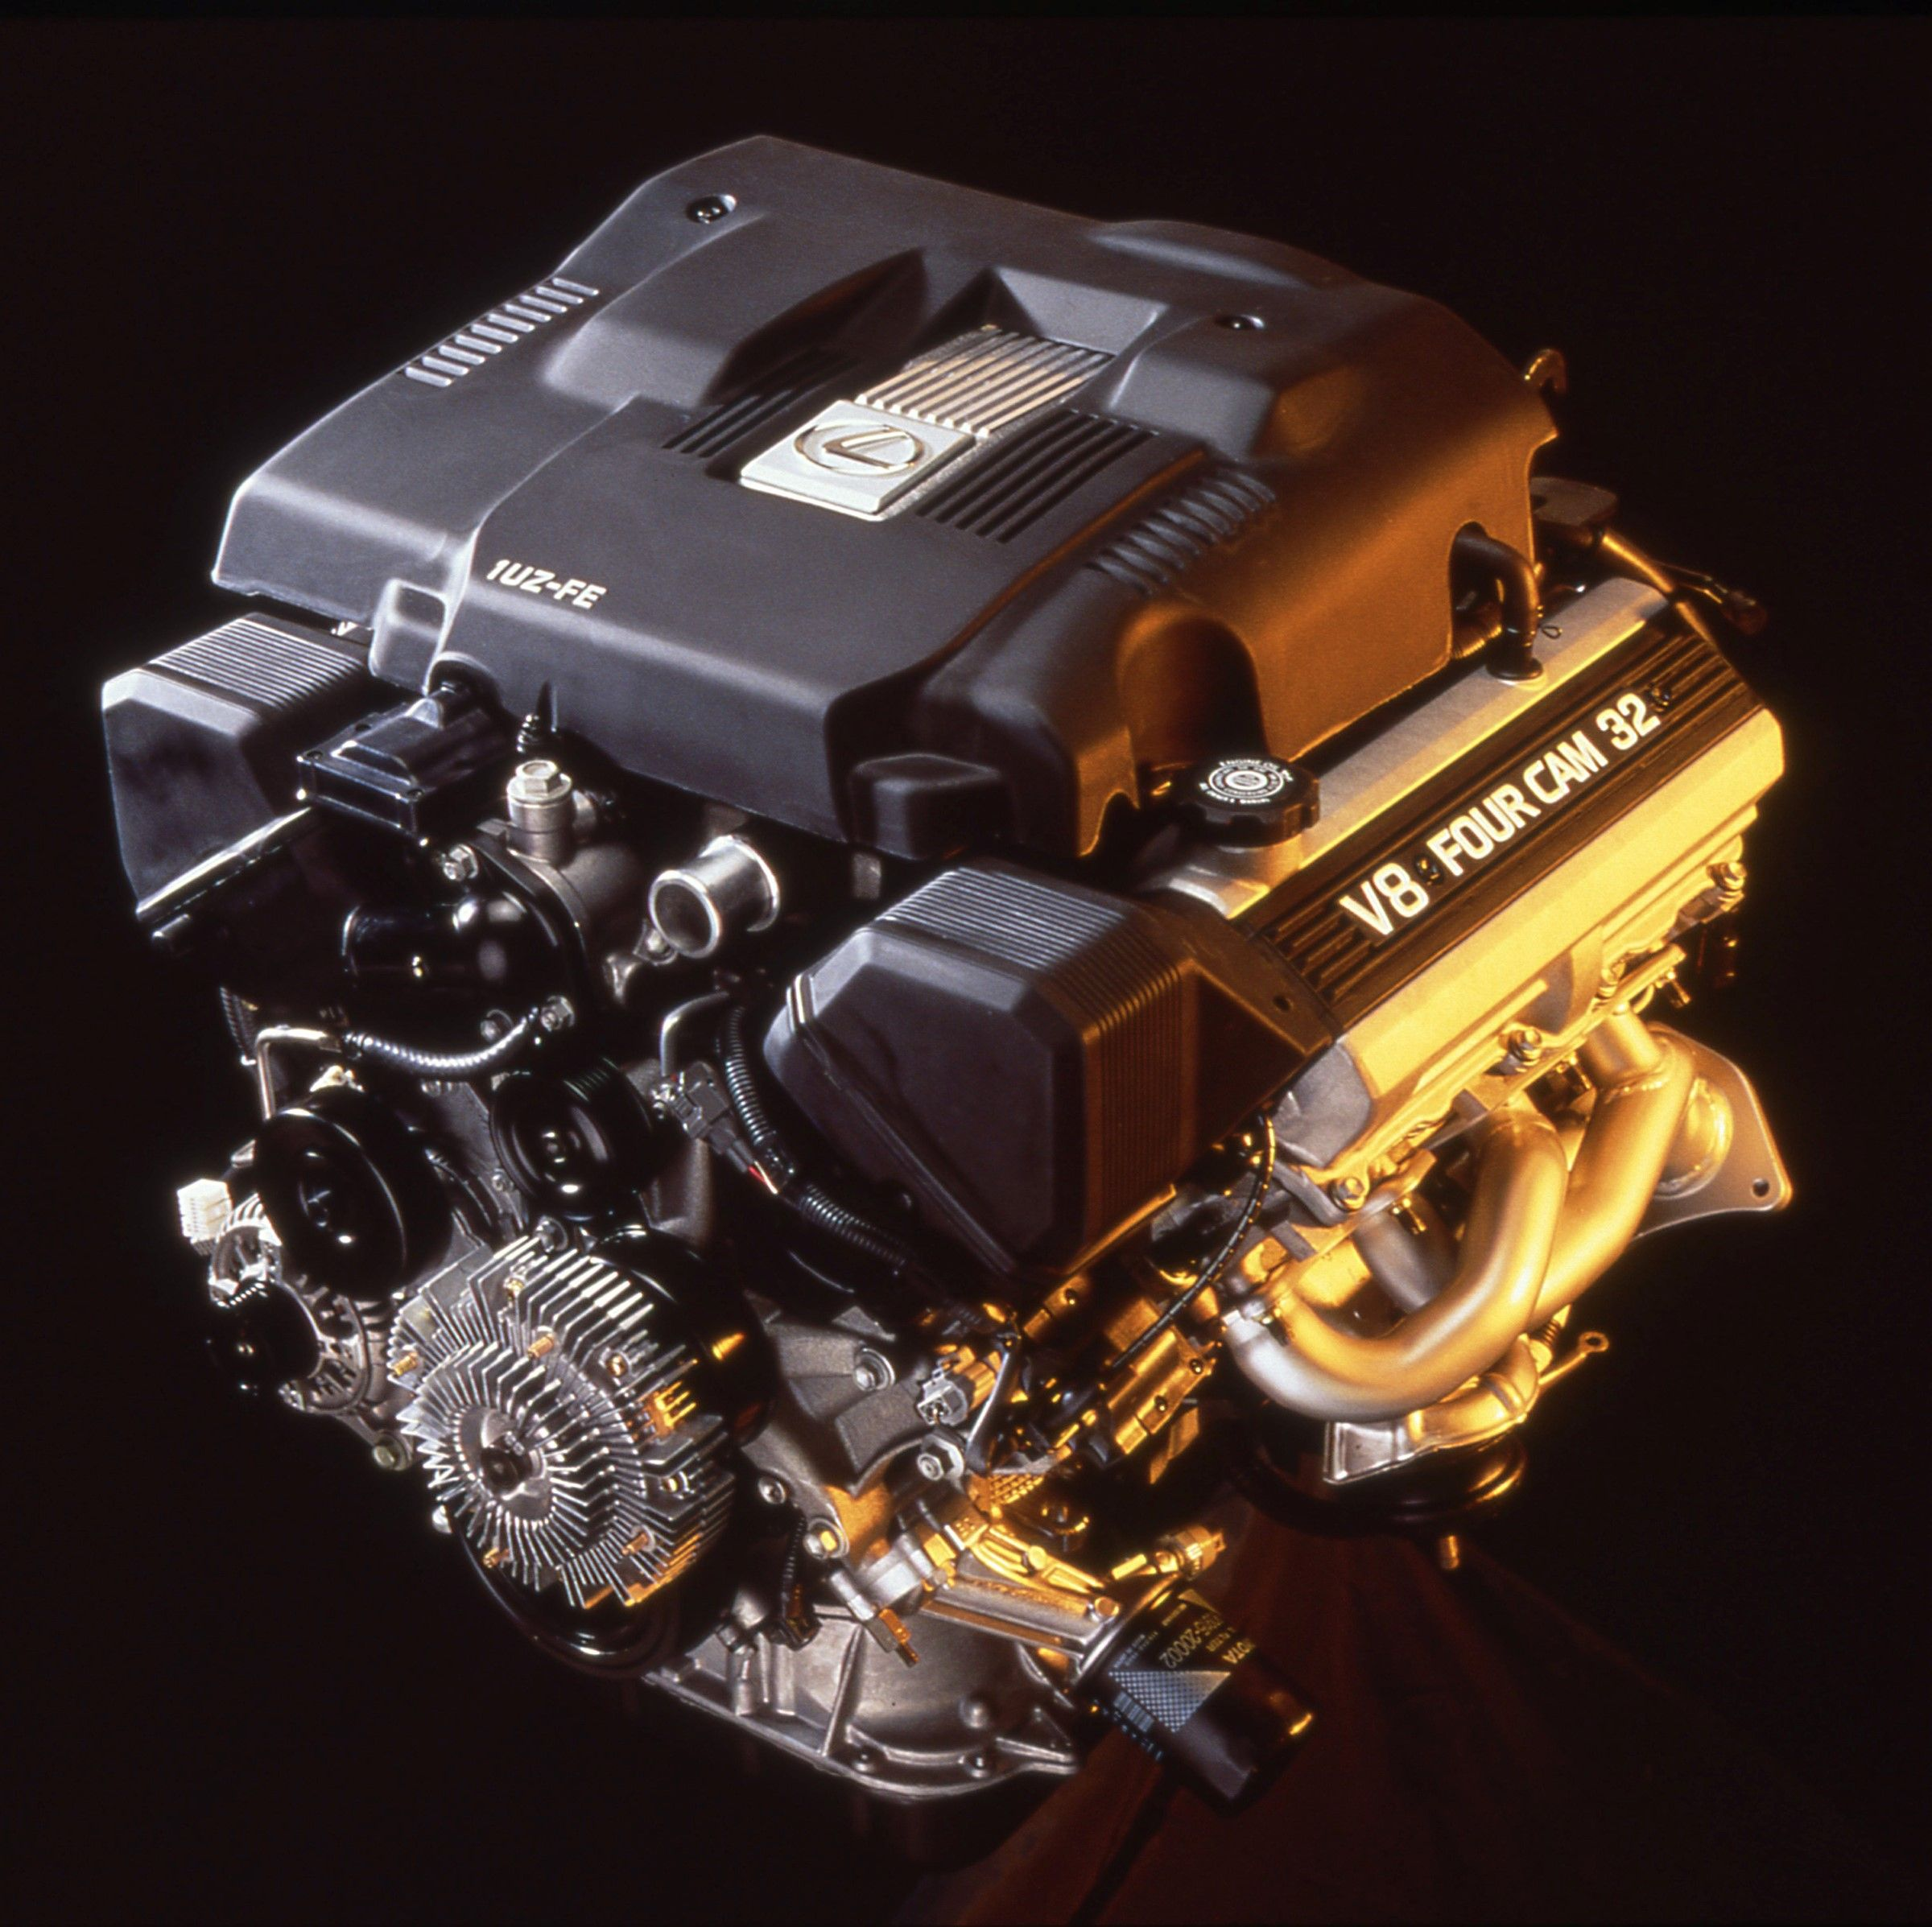 1996 lexus ls 400 engine [ 2400 x 2394 Pixel ]